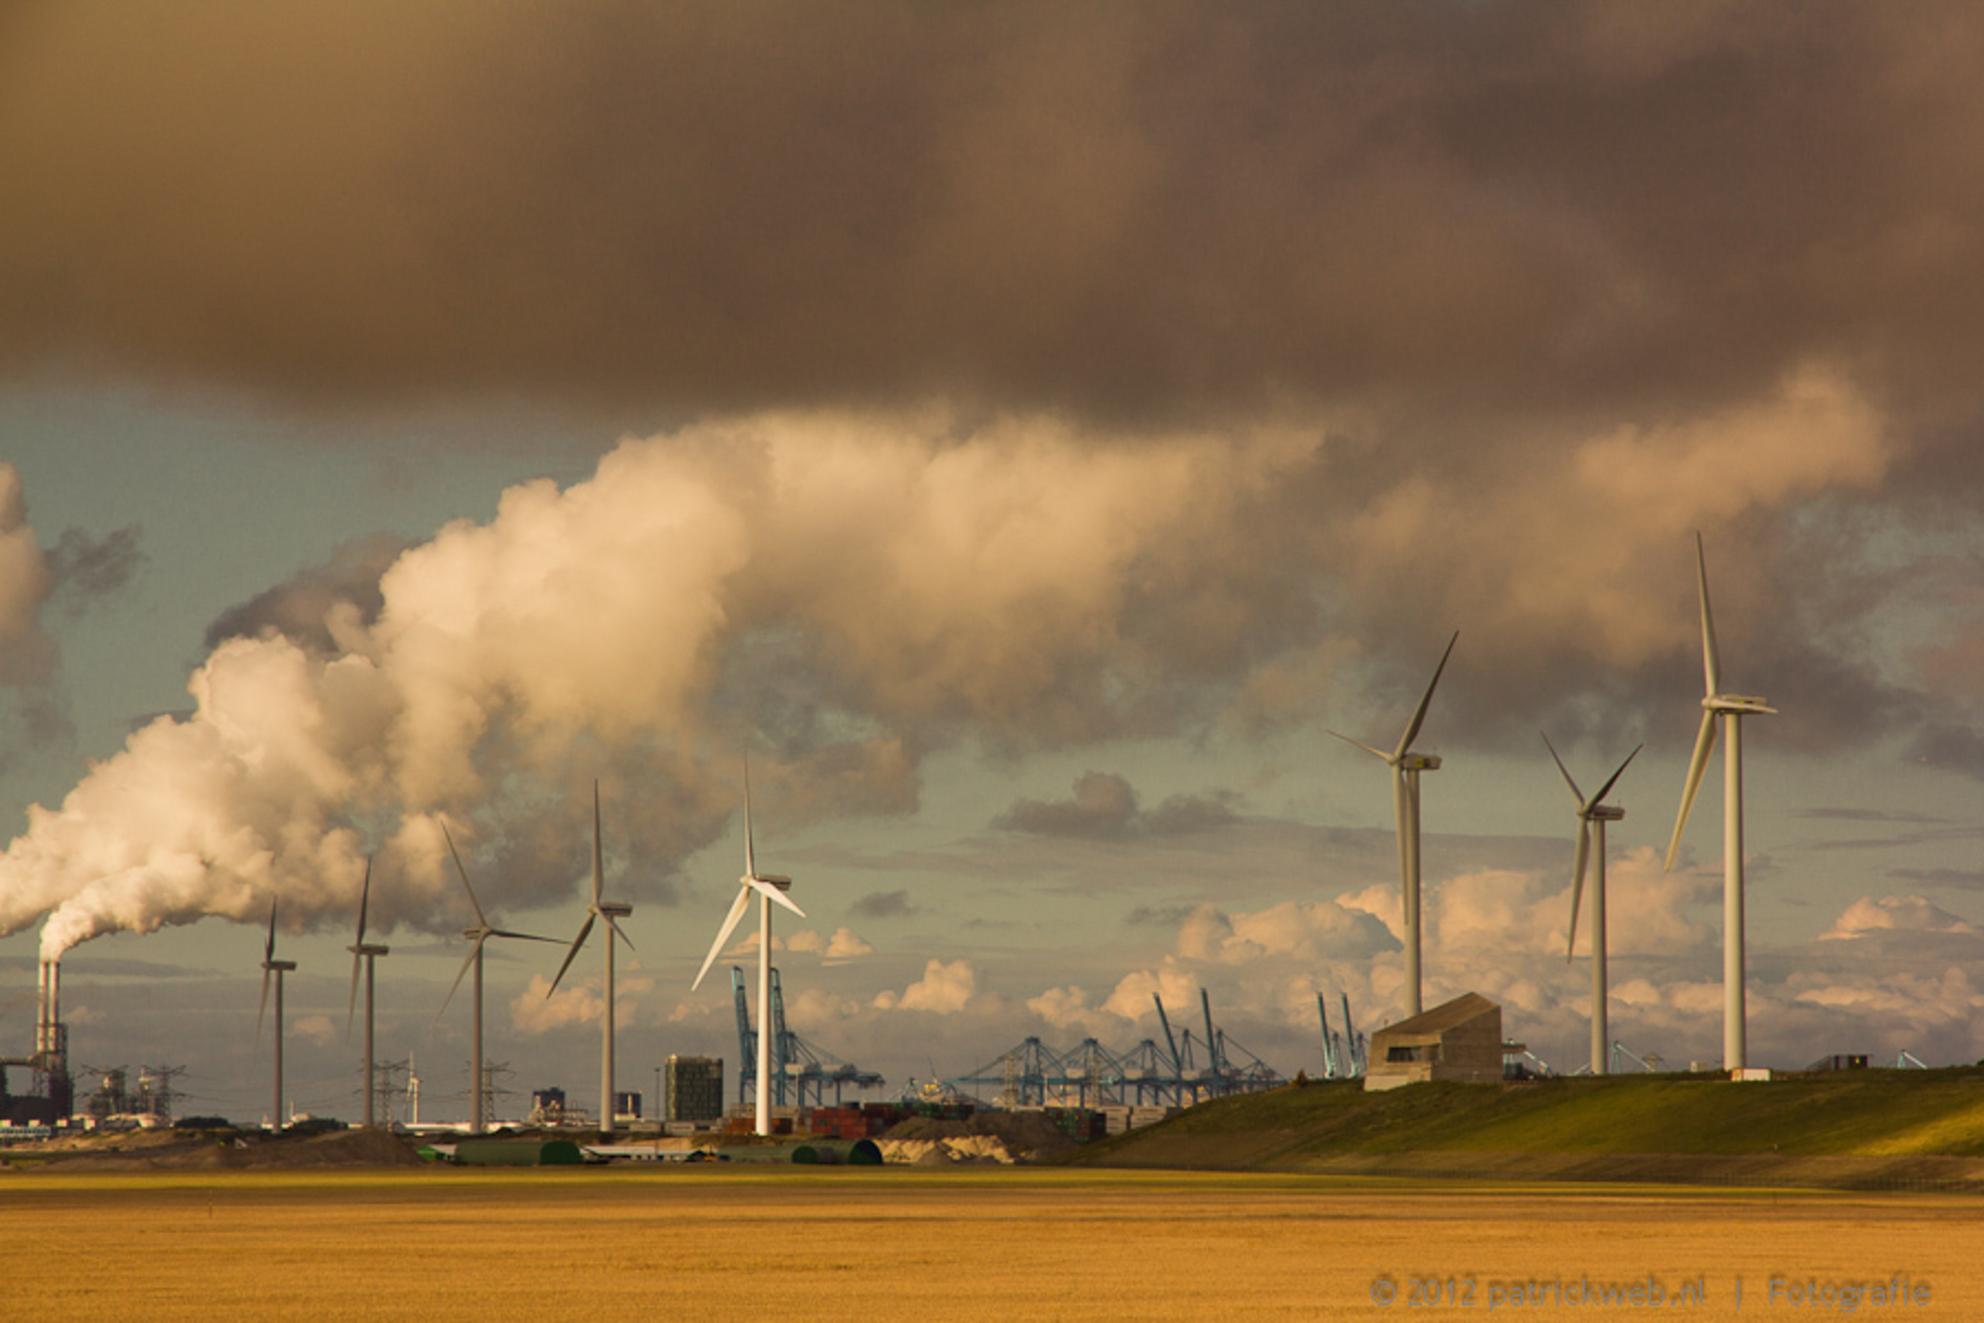 Maasvlakte 2 - Industrie kan ook mooi zijn - foto door patricks5600 op 12-08-2012 - deze foto bevat: maasvlakte - Deze foto mag gebruikt worden in een Zoom.nl publicatie